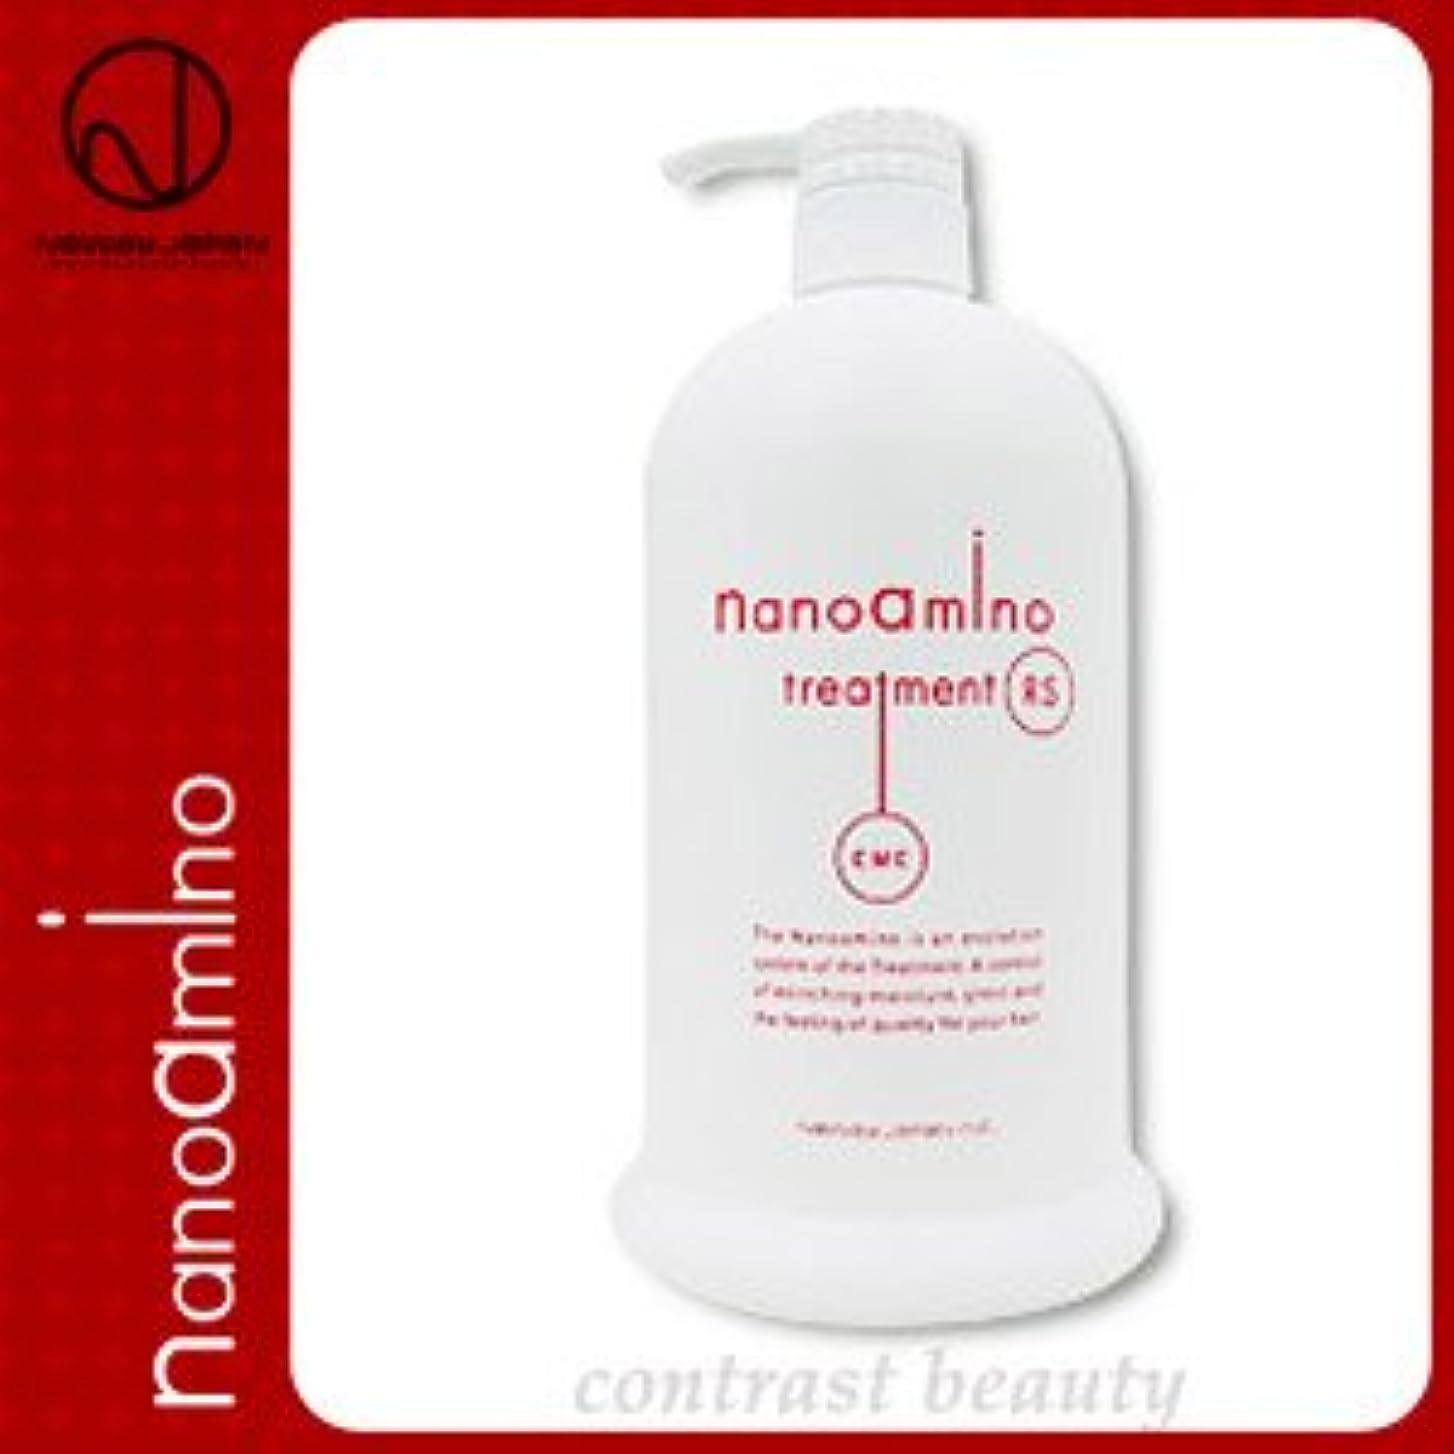 支援餌既に【X2個セット】 ニューウェイジャパン ナノアミノ トリートメントRS 1000g ポンプ付き容器入り NewayJapan nanoamino